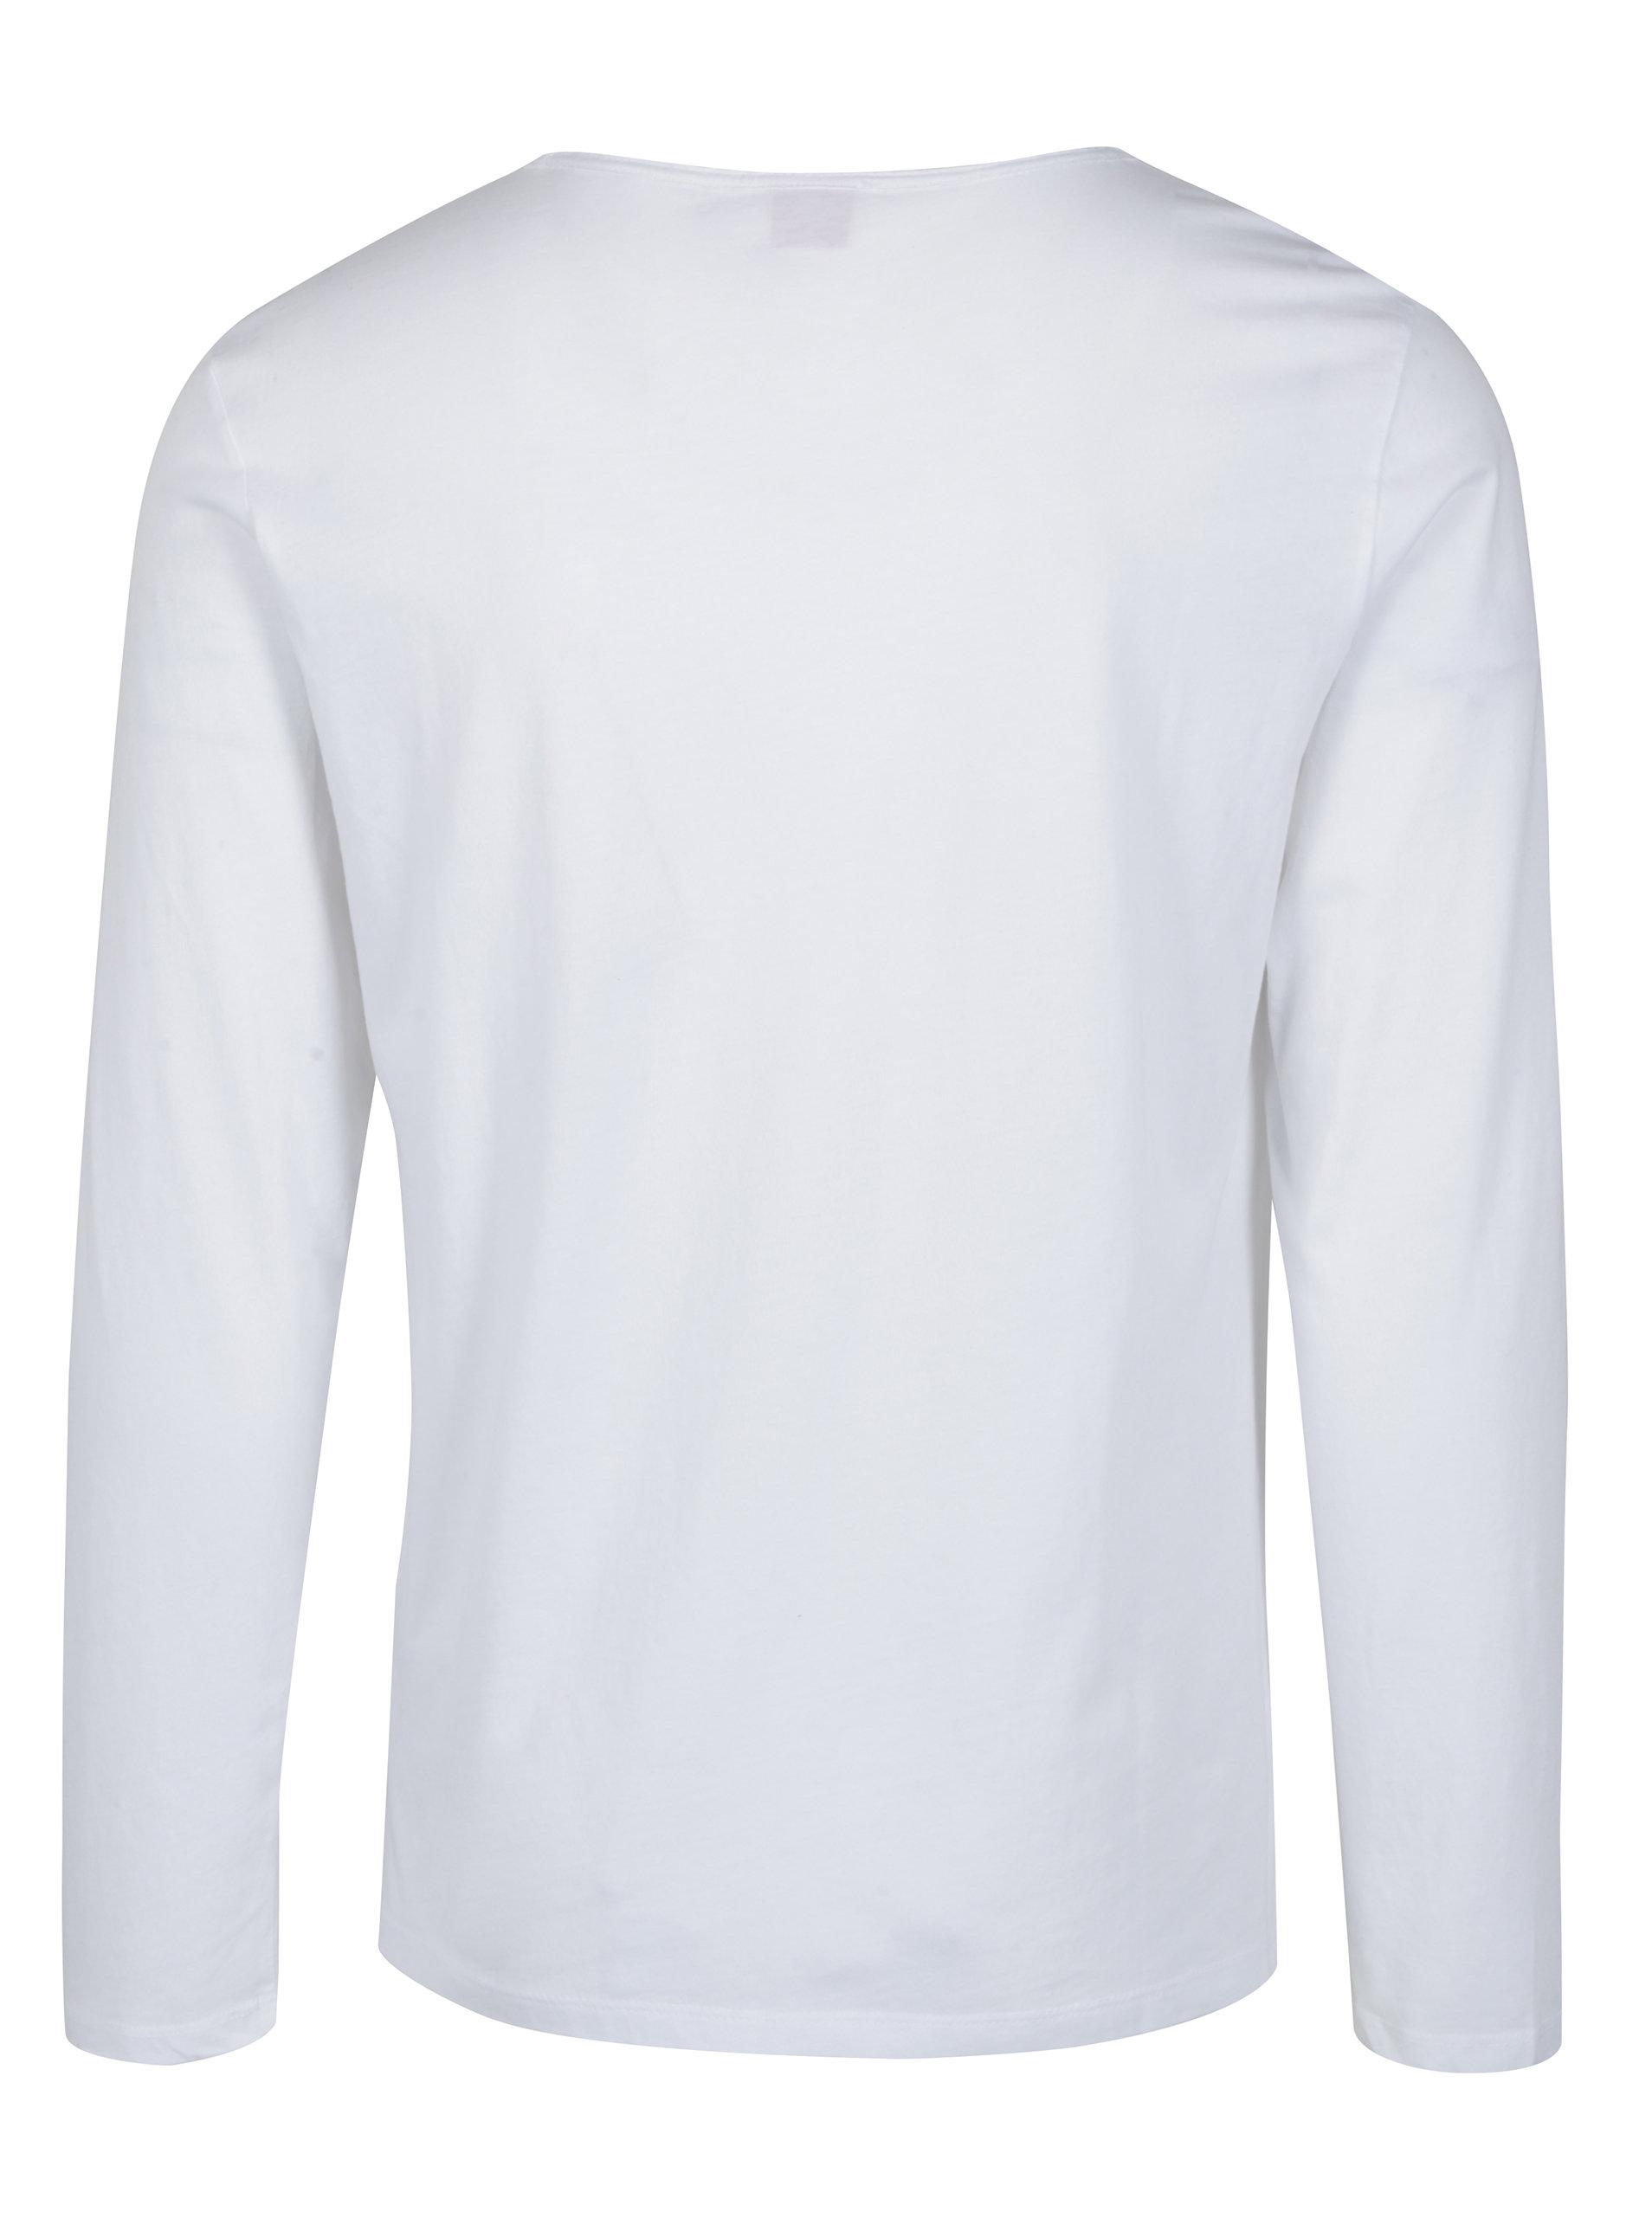 bf565dffc109 Biele pánske slim fit tričko s dlhým rukávom s.Oliver